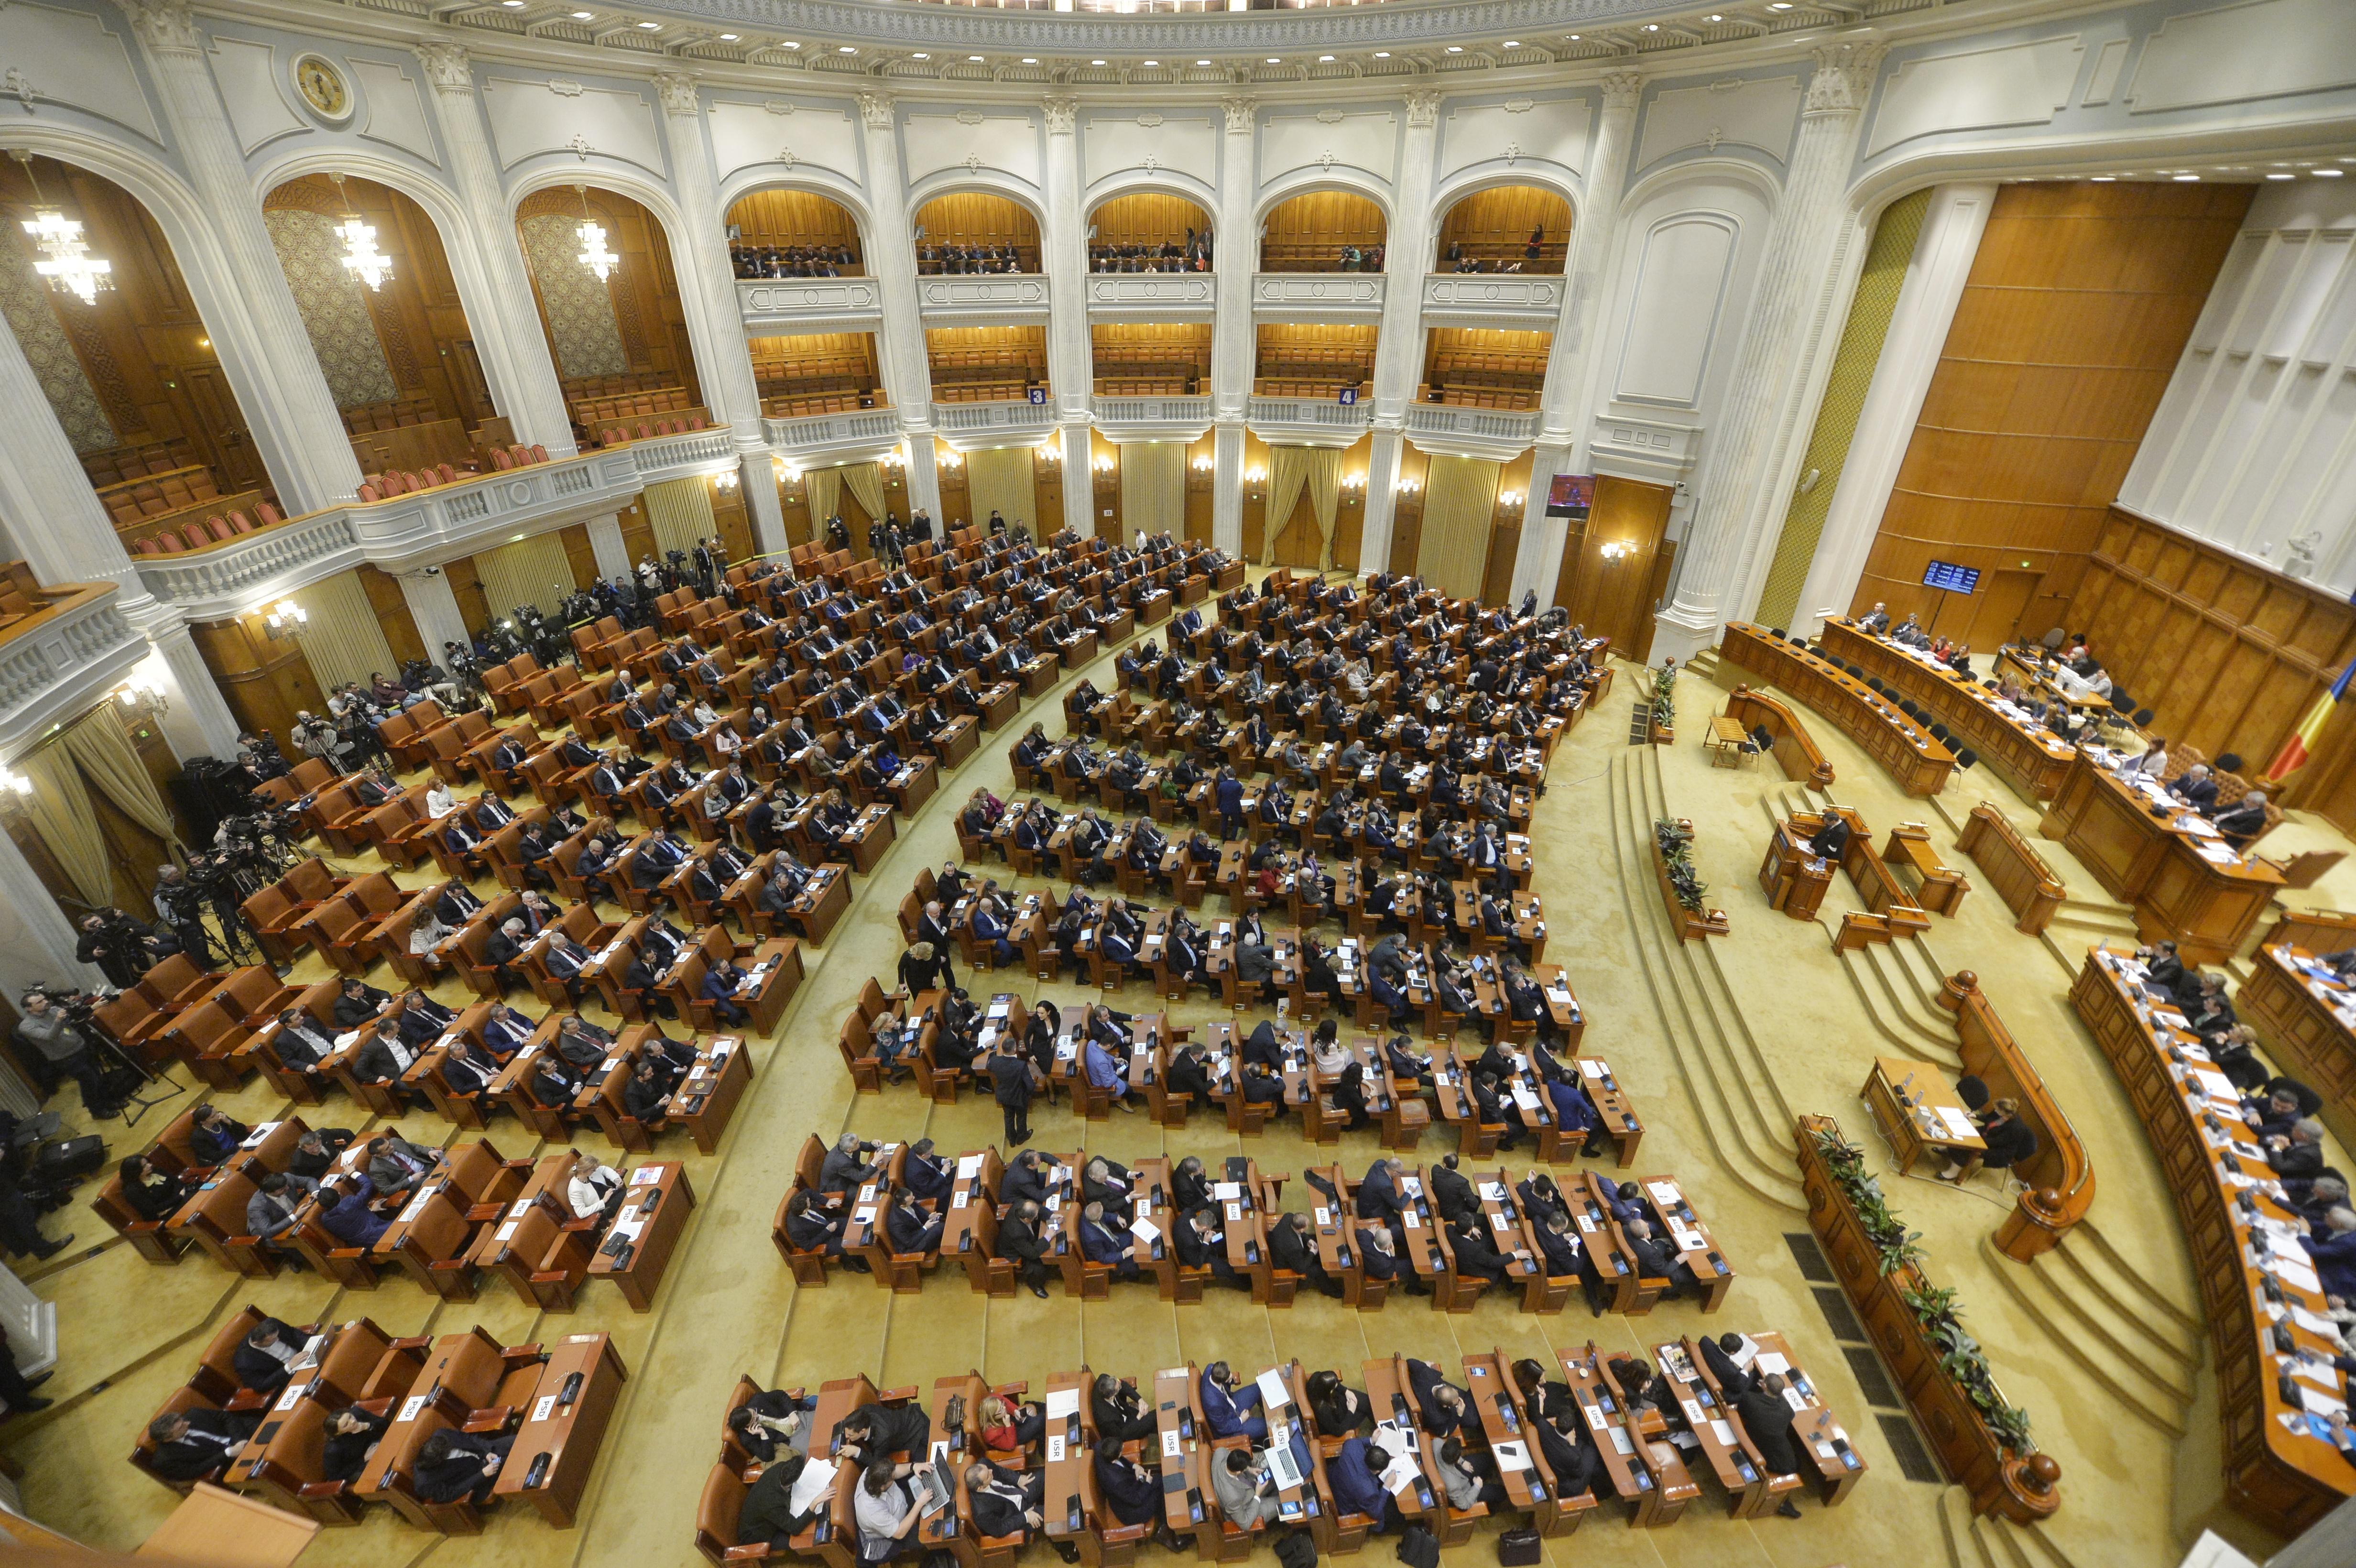 Codreanu: parlamenti küldöttség találkozik az ukrán nagykövettel, Johannisnak reagálnia kell